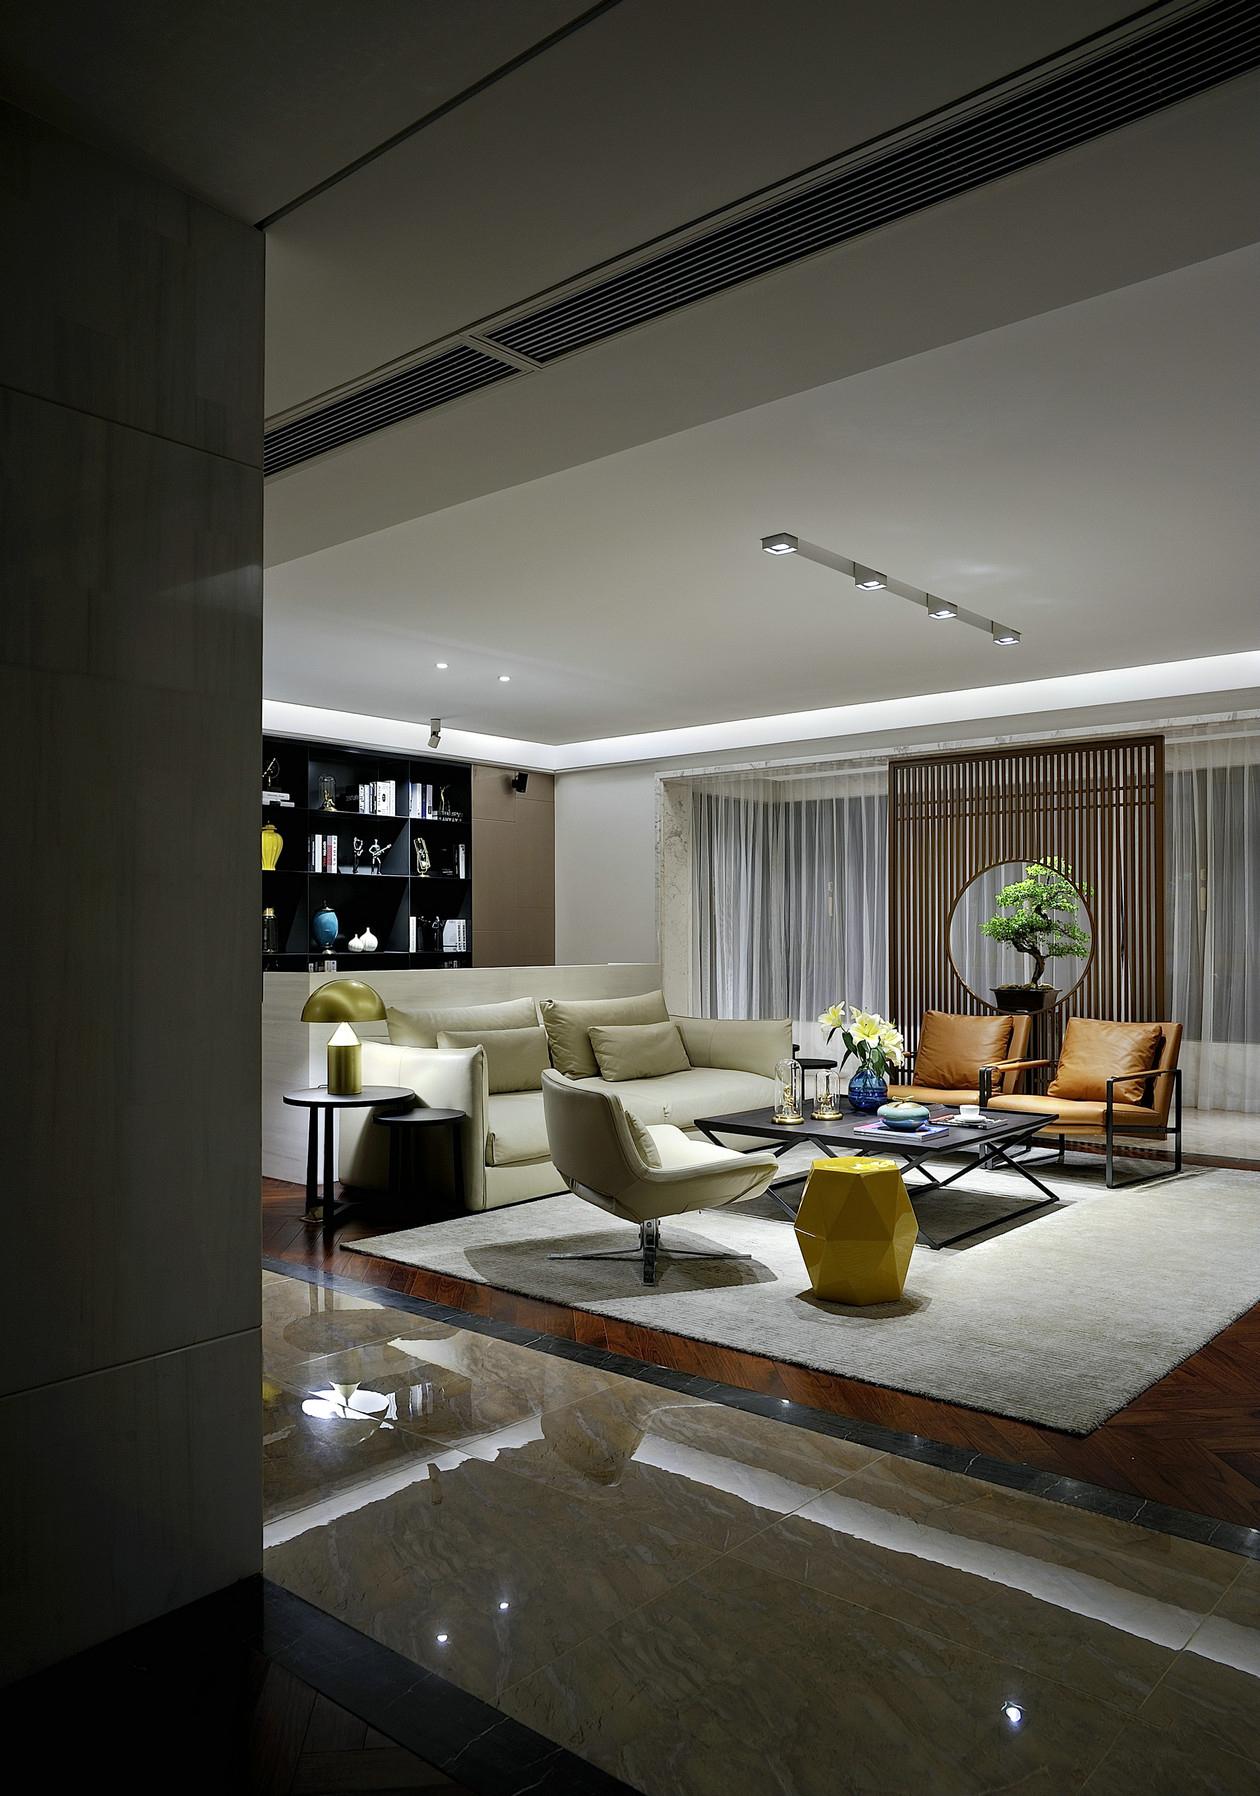 现代简约别墅装修设计也能带来宁静安详的生活享受